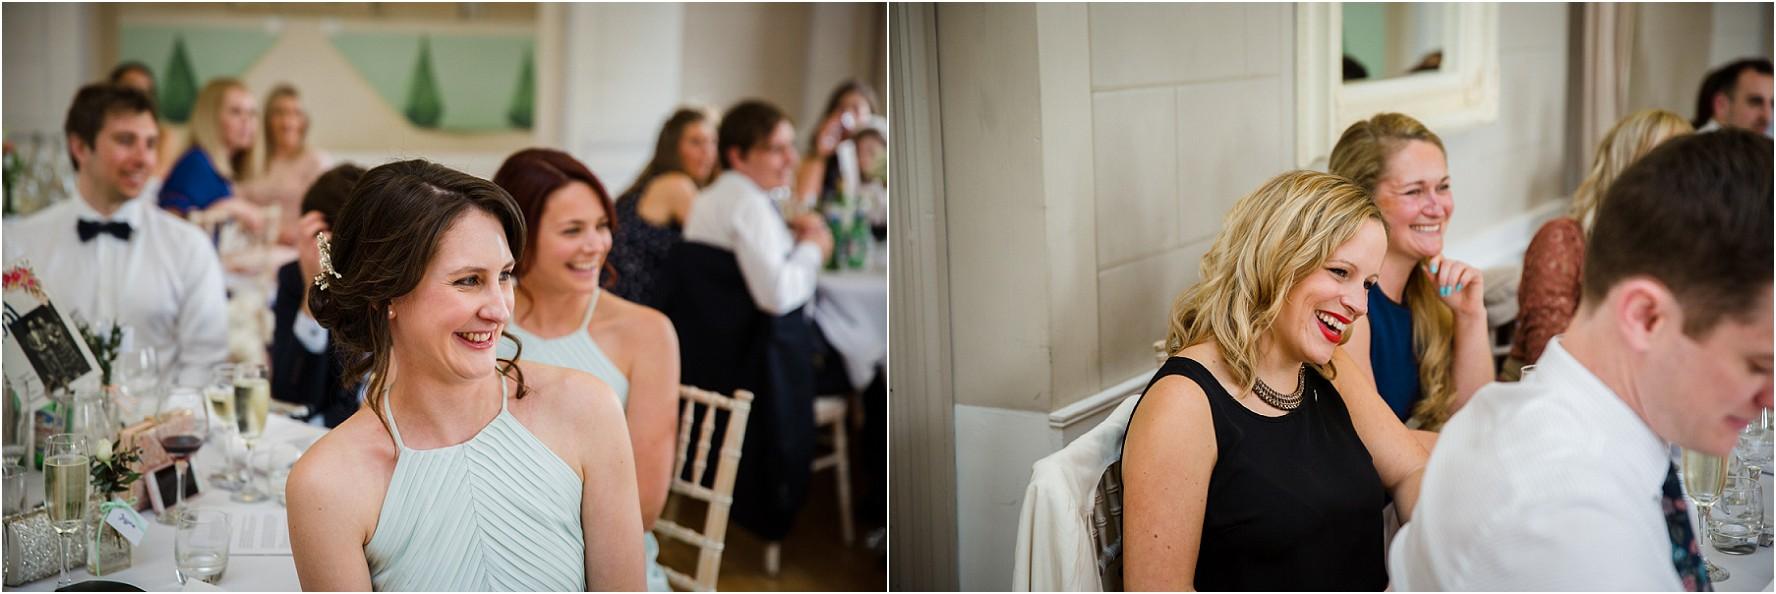 Wedding Photography Norwood Park_0128